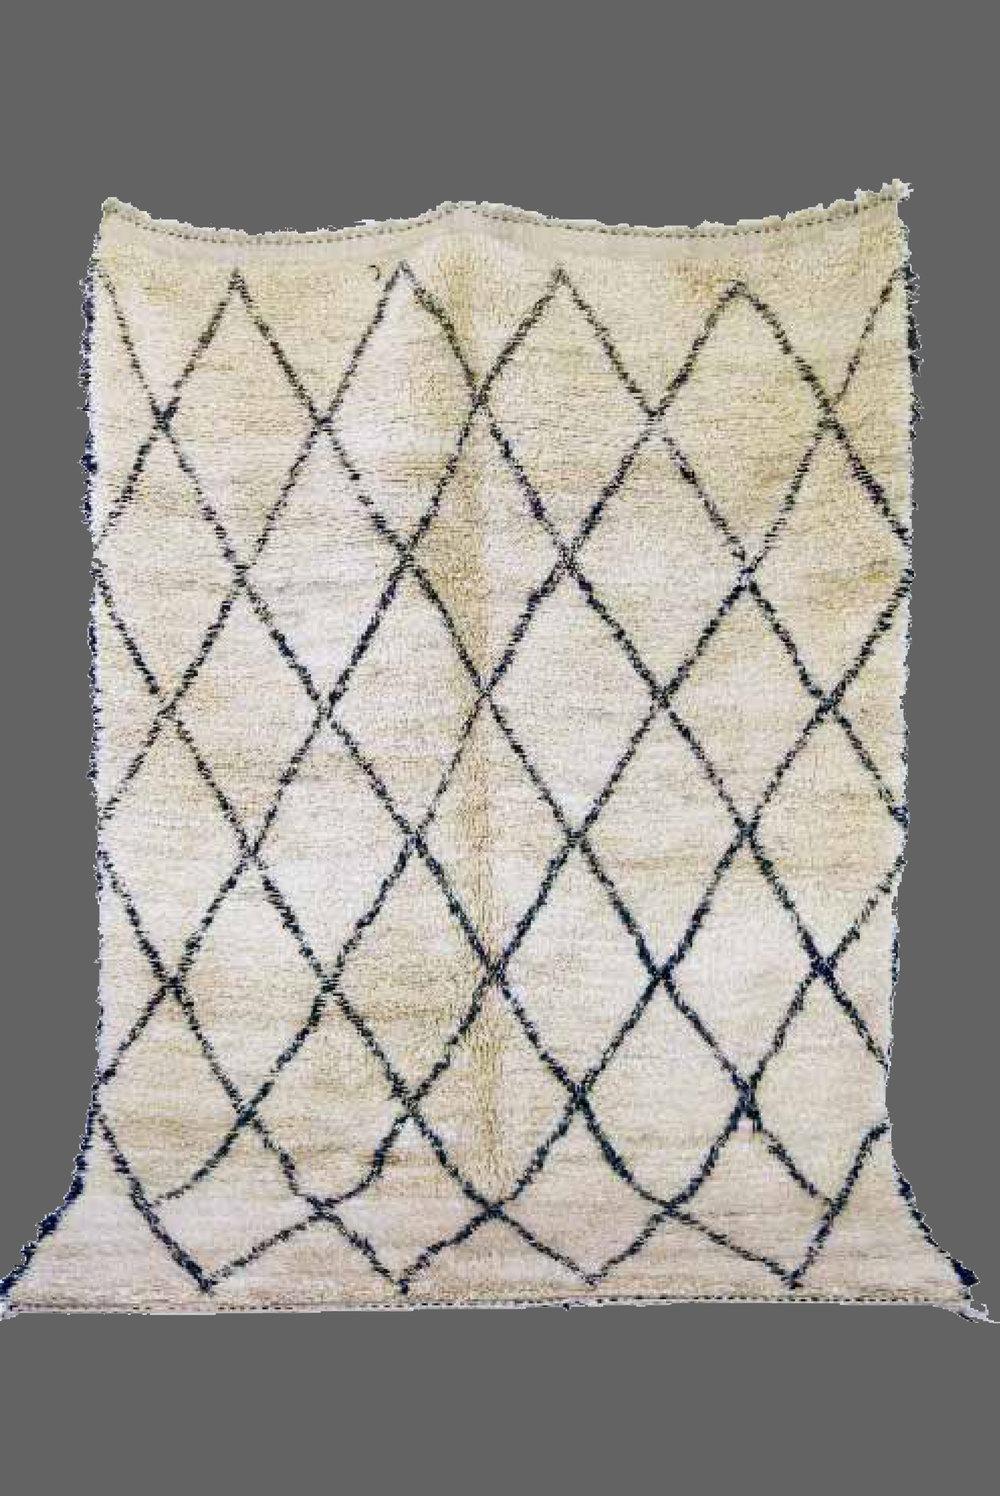 Ethnie : Beni Ouarein    Origine : Maroc    Année : 1990    Dimensions : 2,95 x 2,00    Technique :    Description : Dessin classique, laine épaisse blanche    Référence : BEN 002    Prix : Vendu